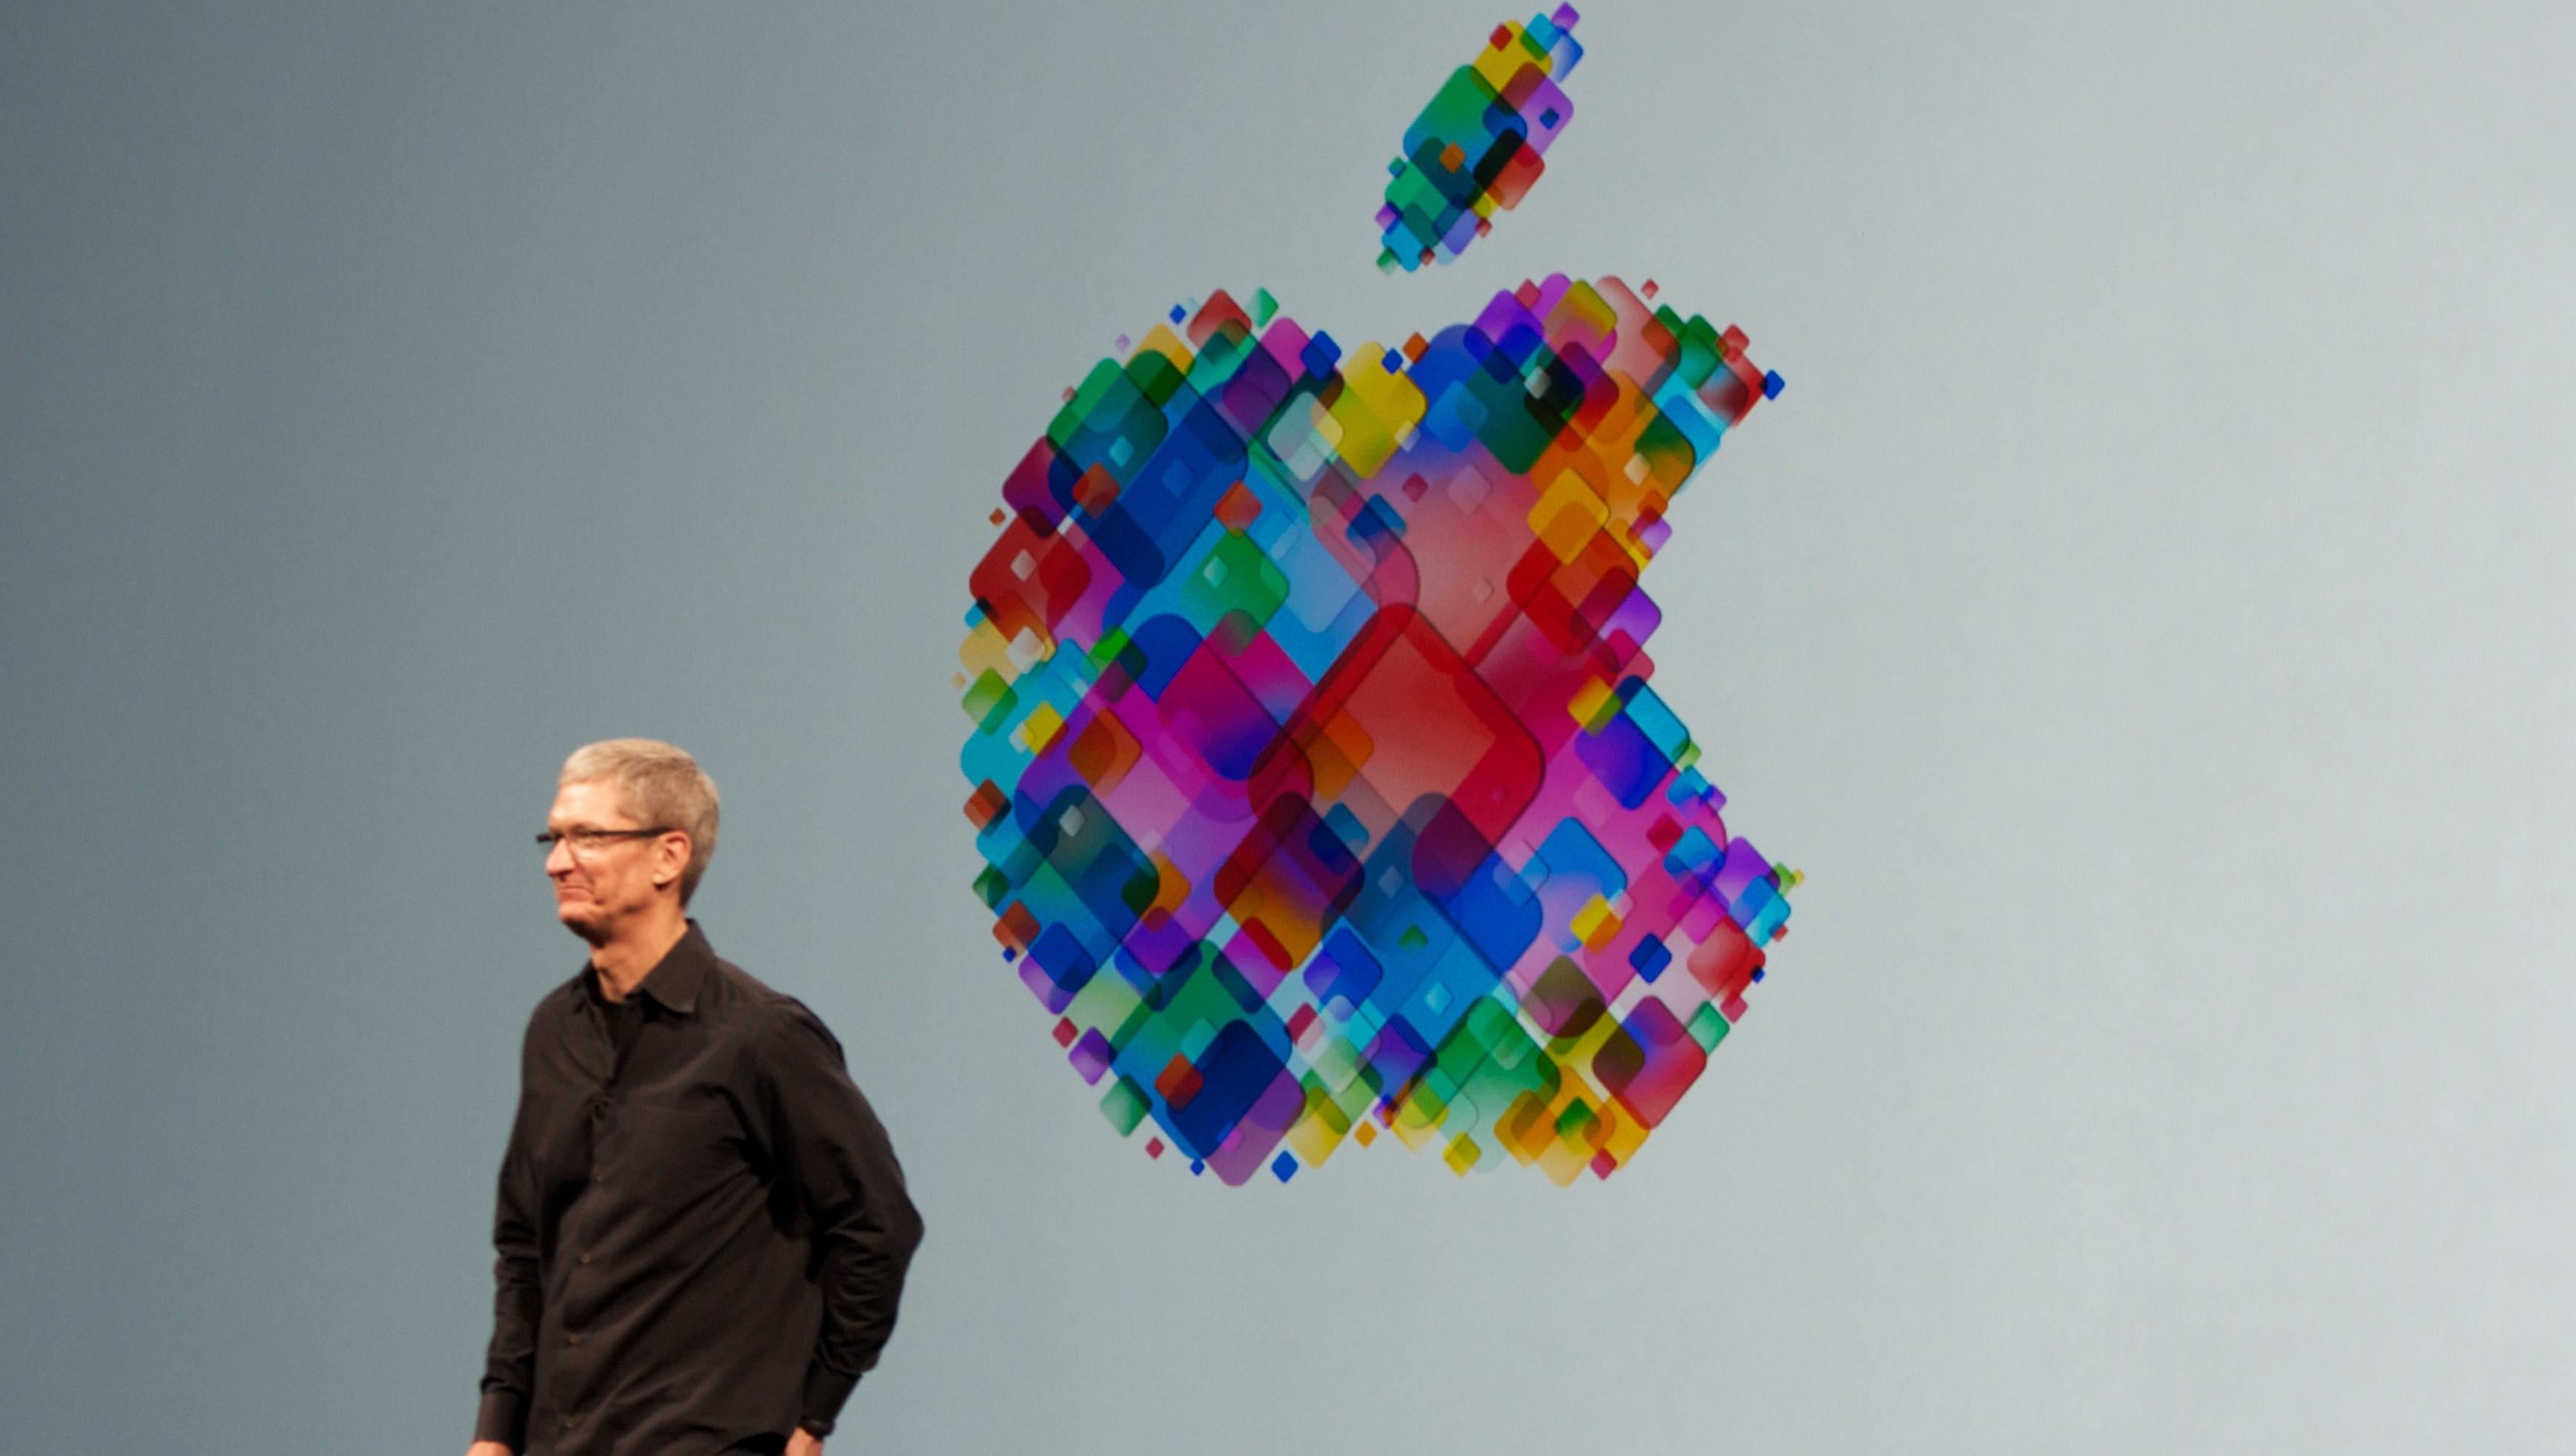 Apple, Avustralya'daki Seçimlerde Eşcinsel Evliliğini Destekleyeceğini Açıkladı